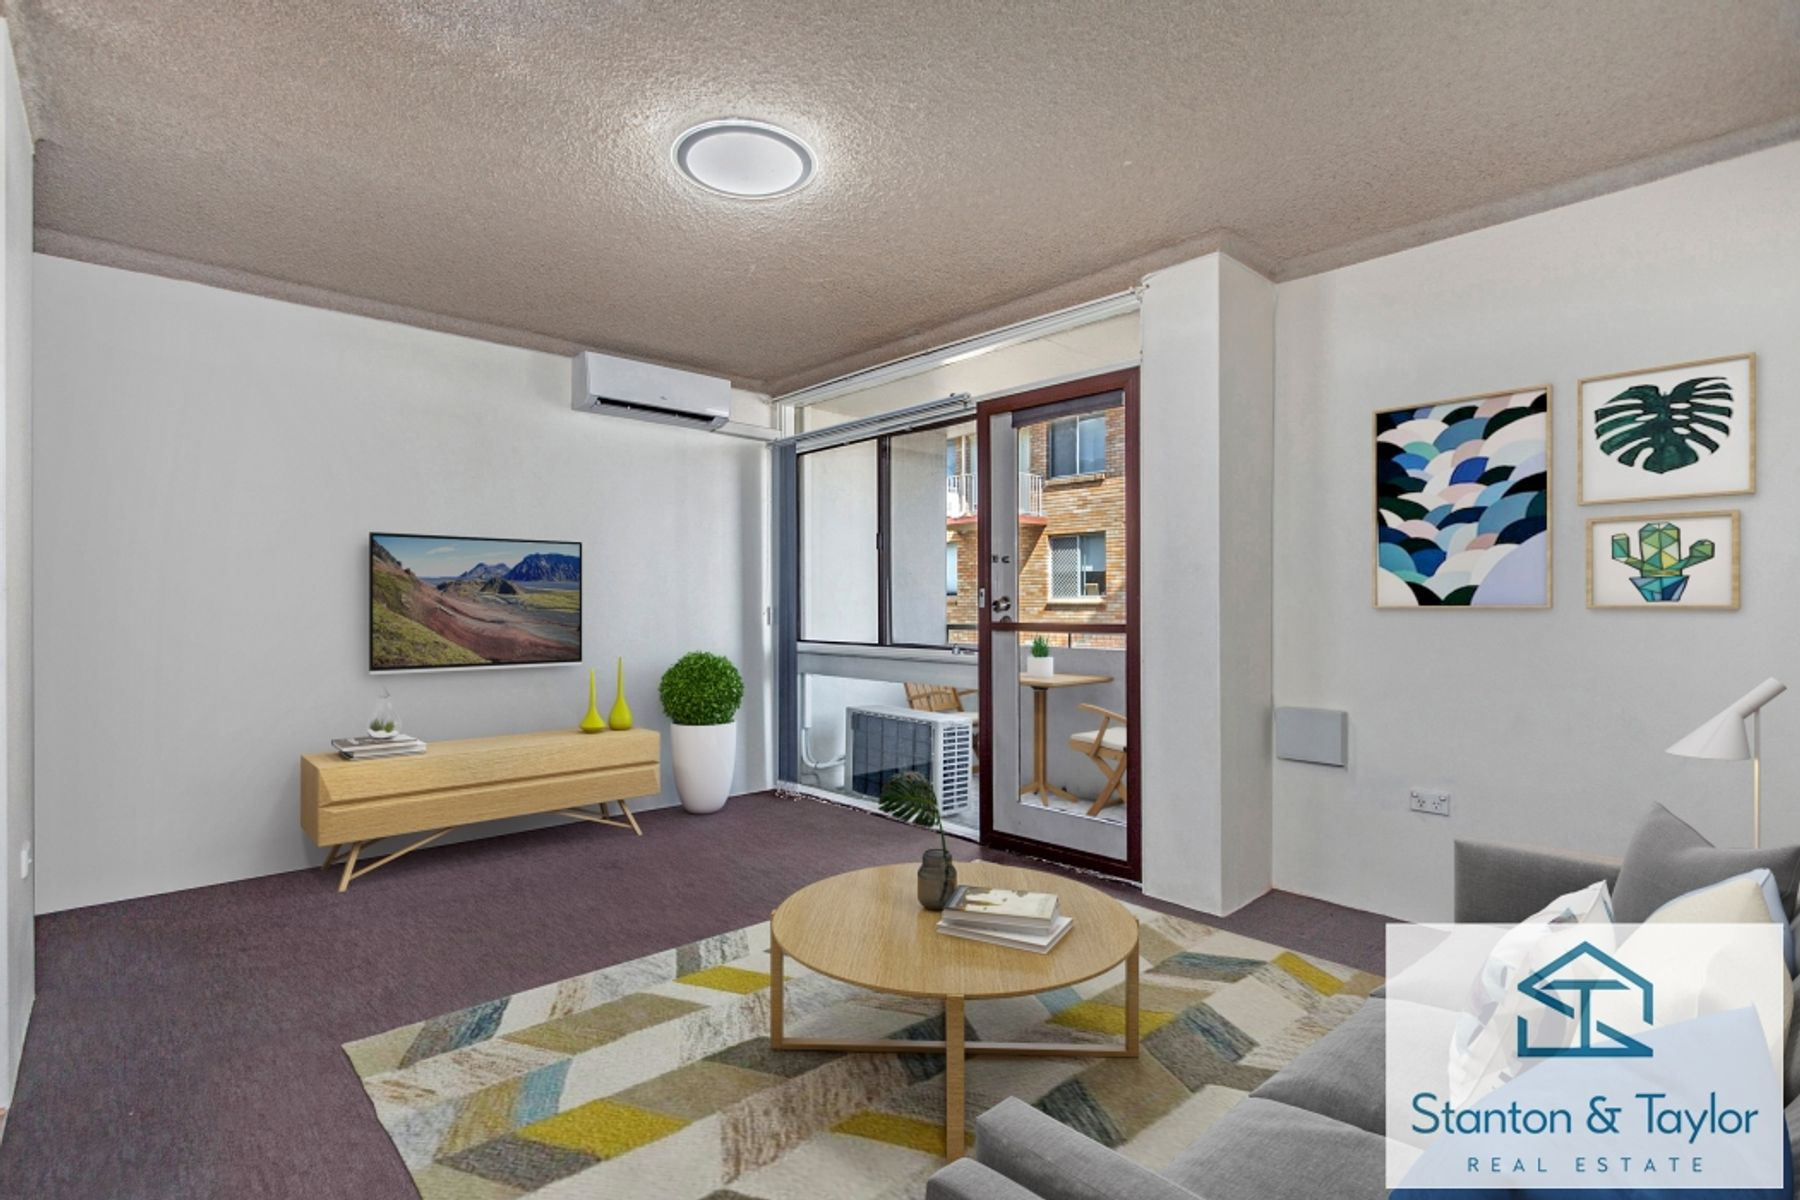 10/38-40 Castlereagh Street, Penrith, NSW 2750